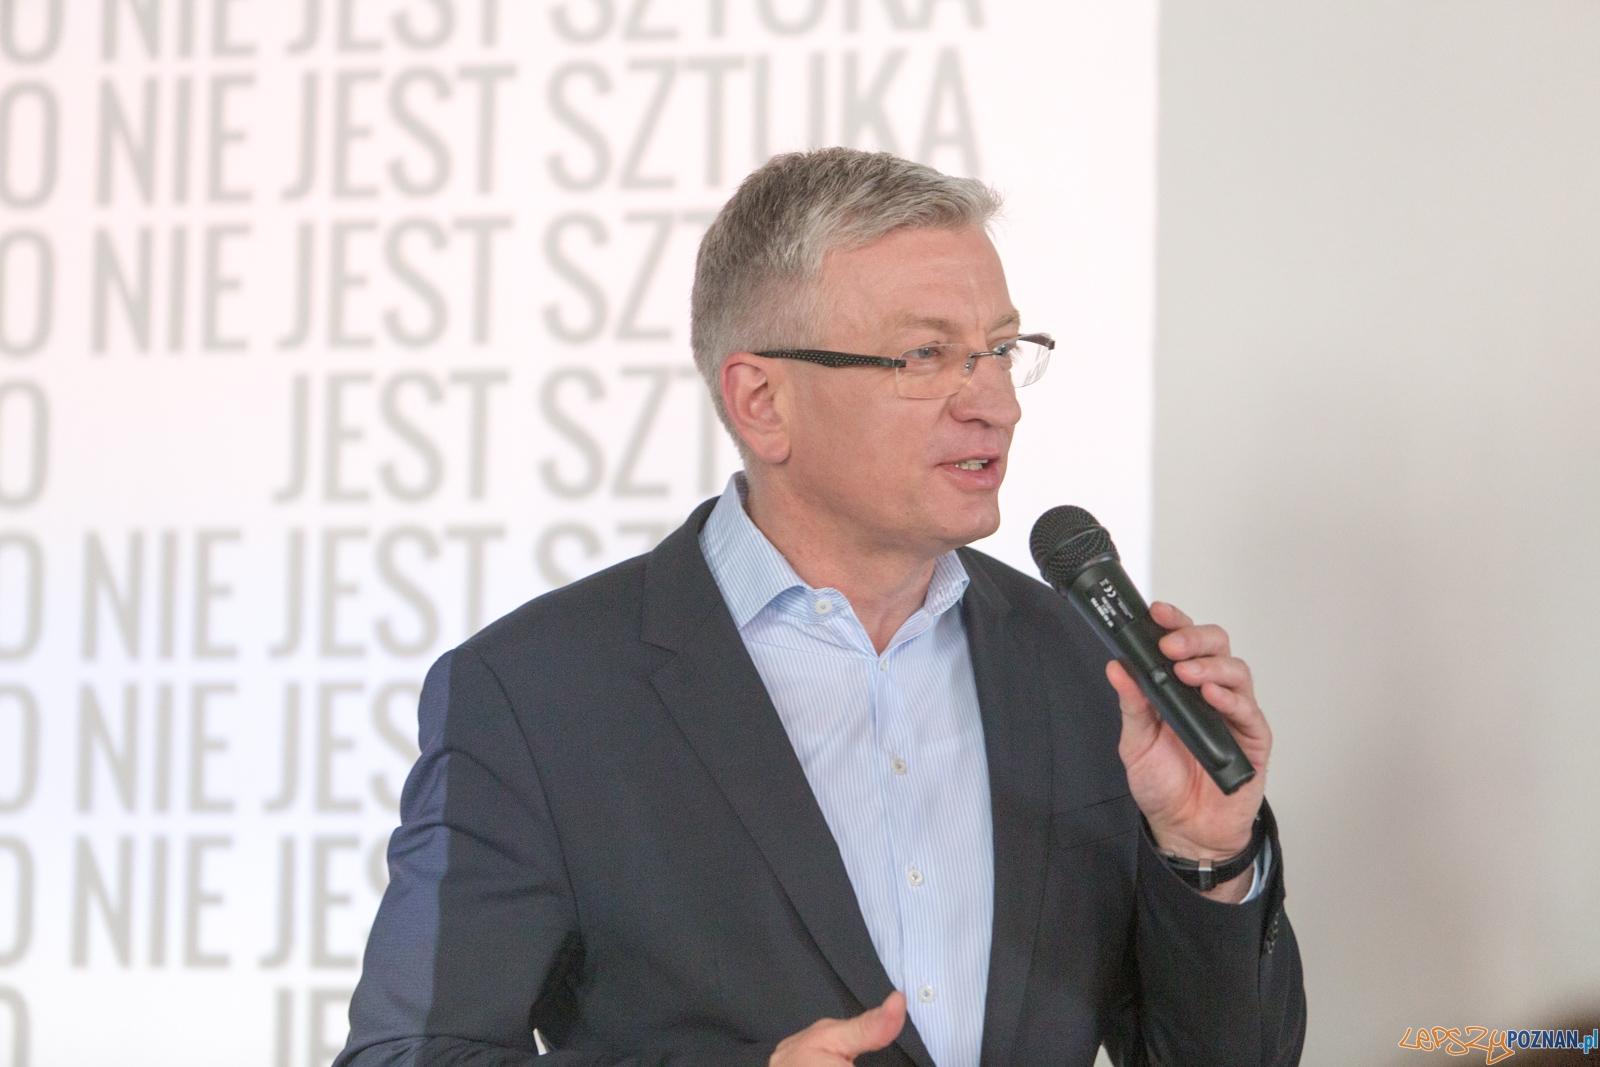 Prezydent Miasta Poznania - Jacek Jaśkowiak  Foto: lepszyPOZNAN.pl / Piotr Rychter